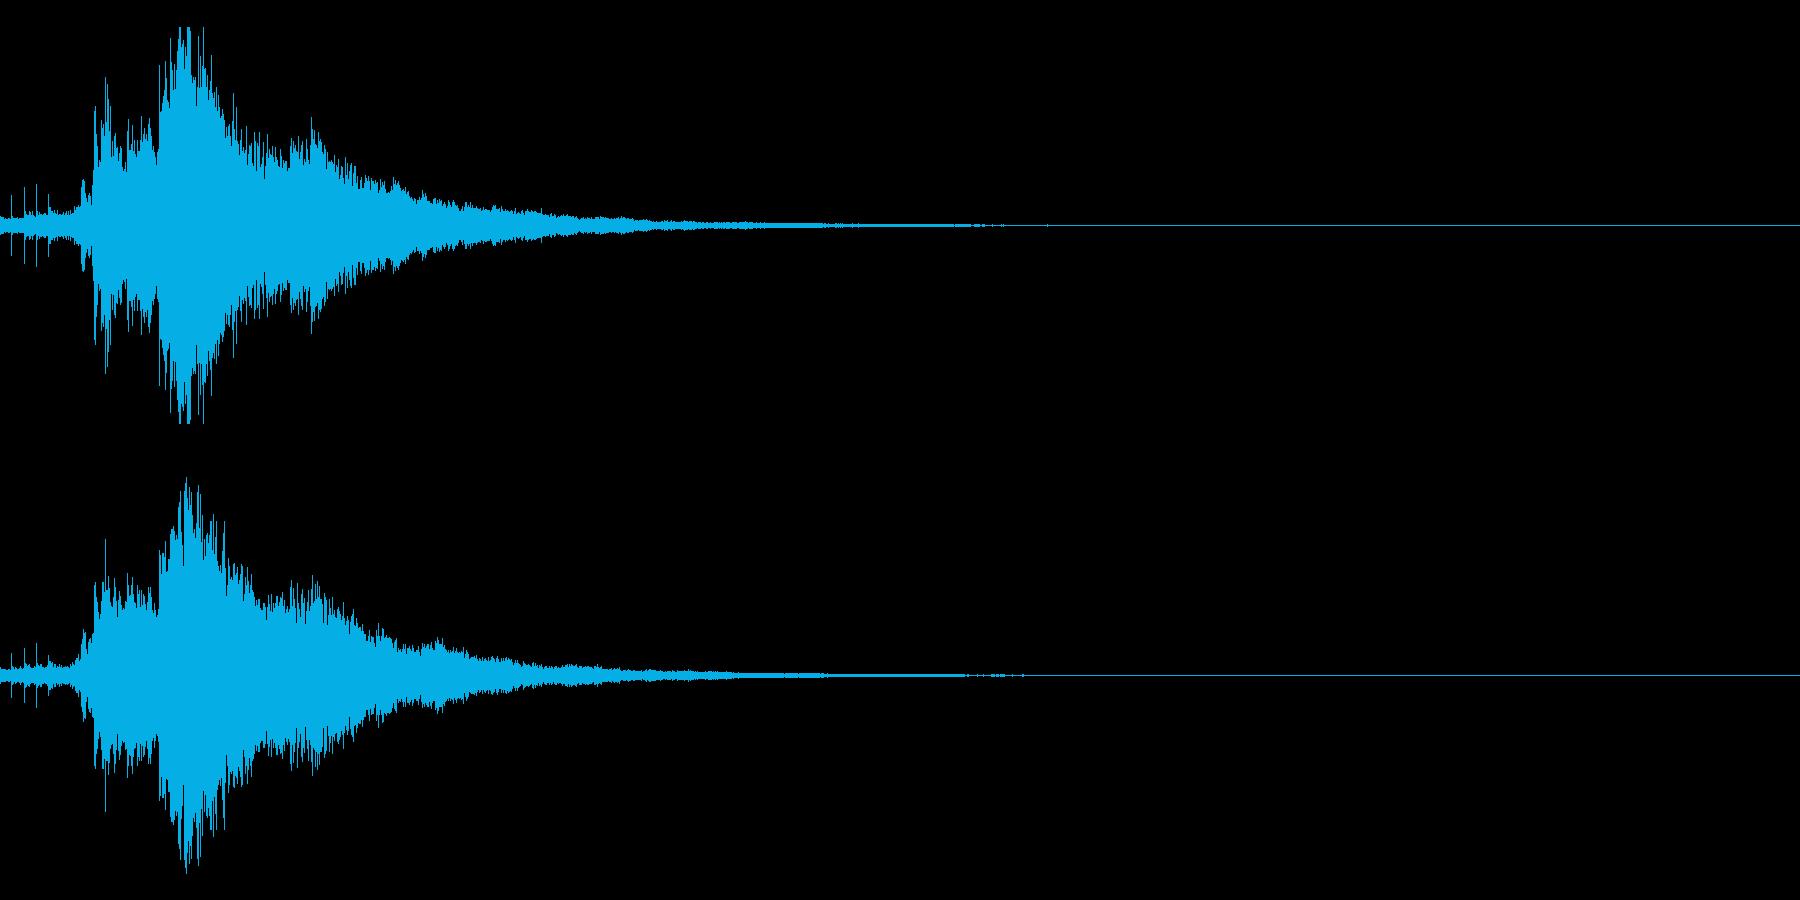 【キラキラ30】光や天使に最適な効果音!の再生済みの波形